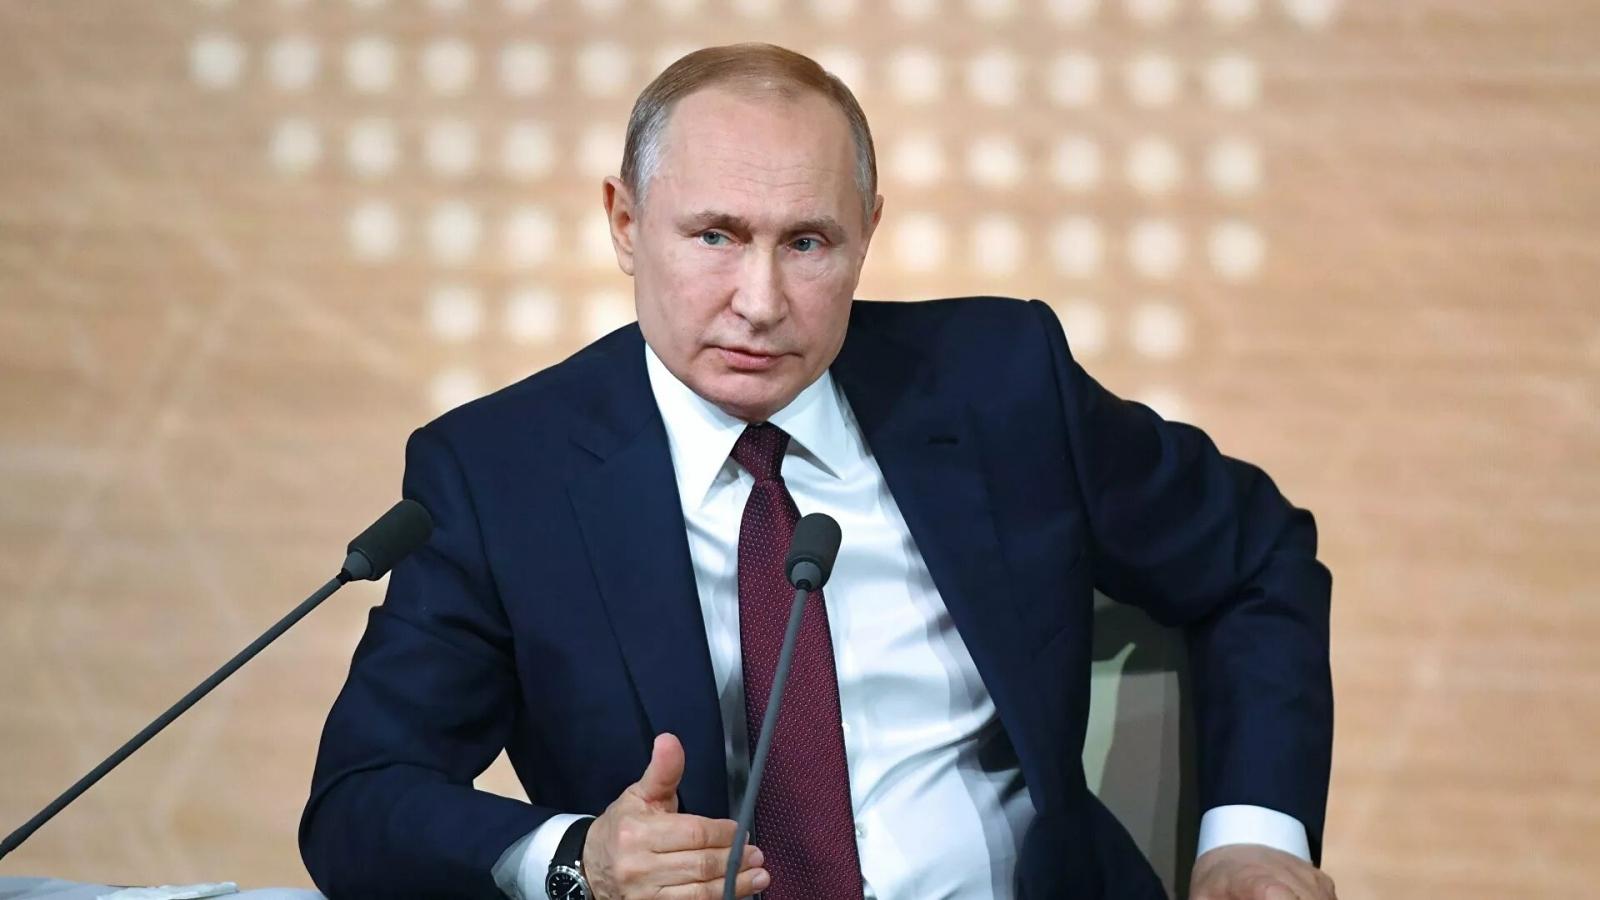 Những vấn đề được quan tâm trong cuộc họp báo cuối năm của Tổng thống Putin